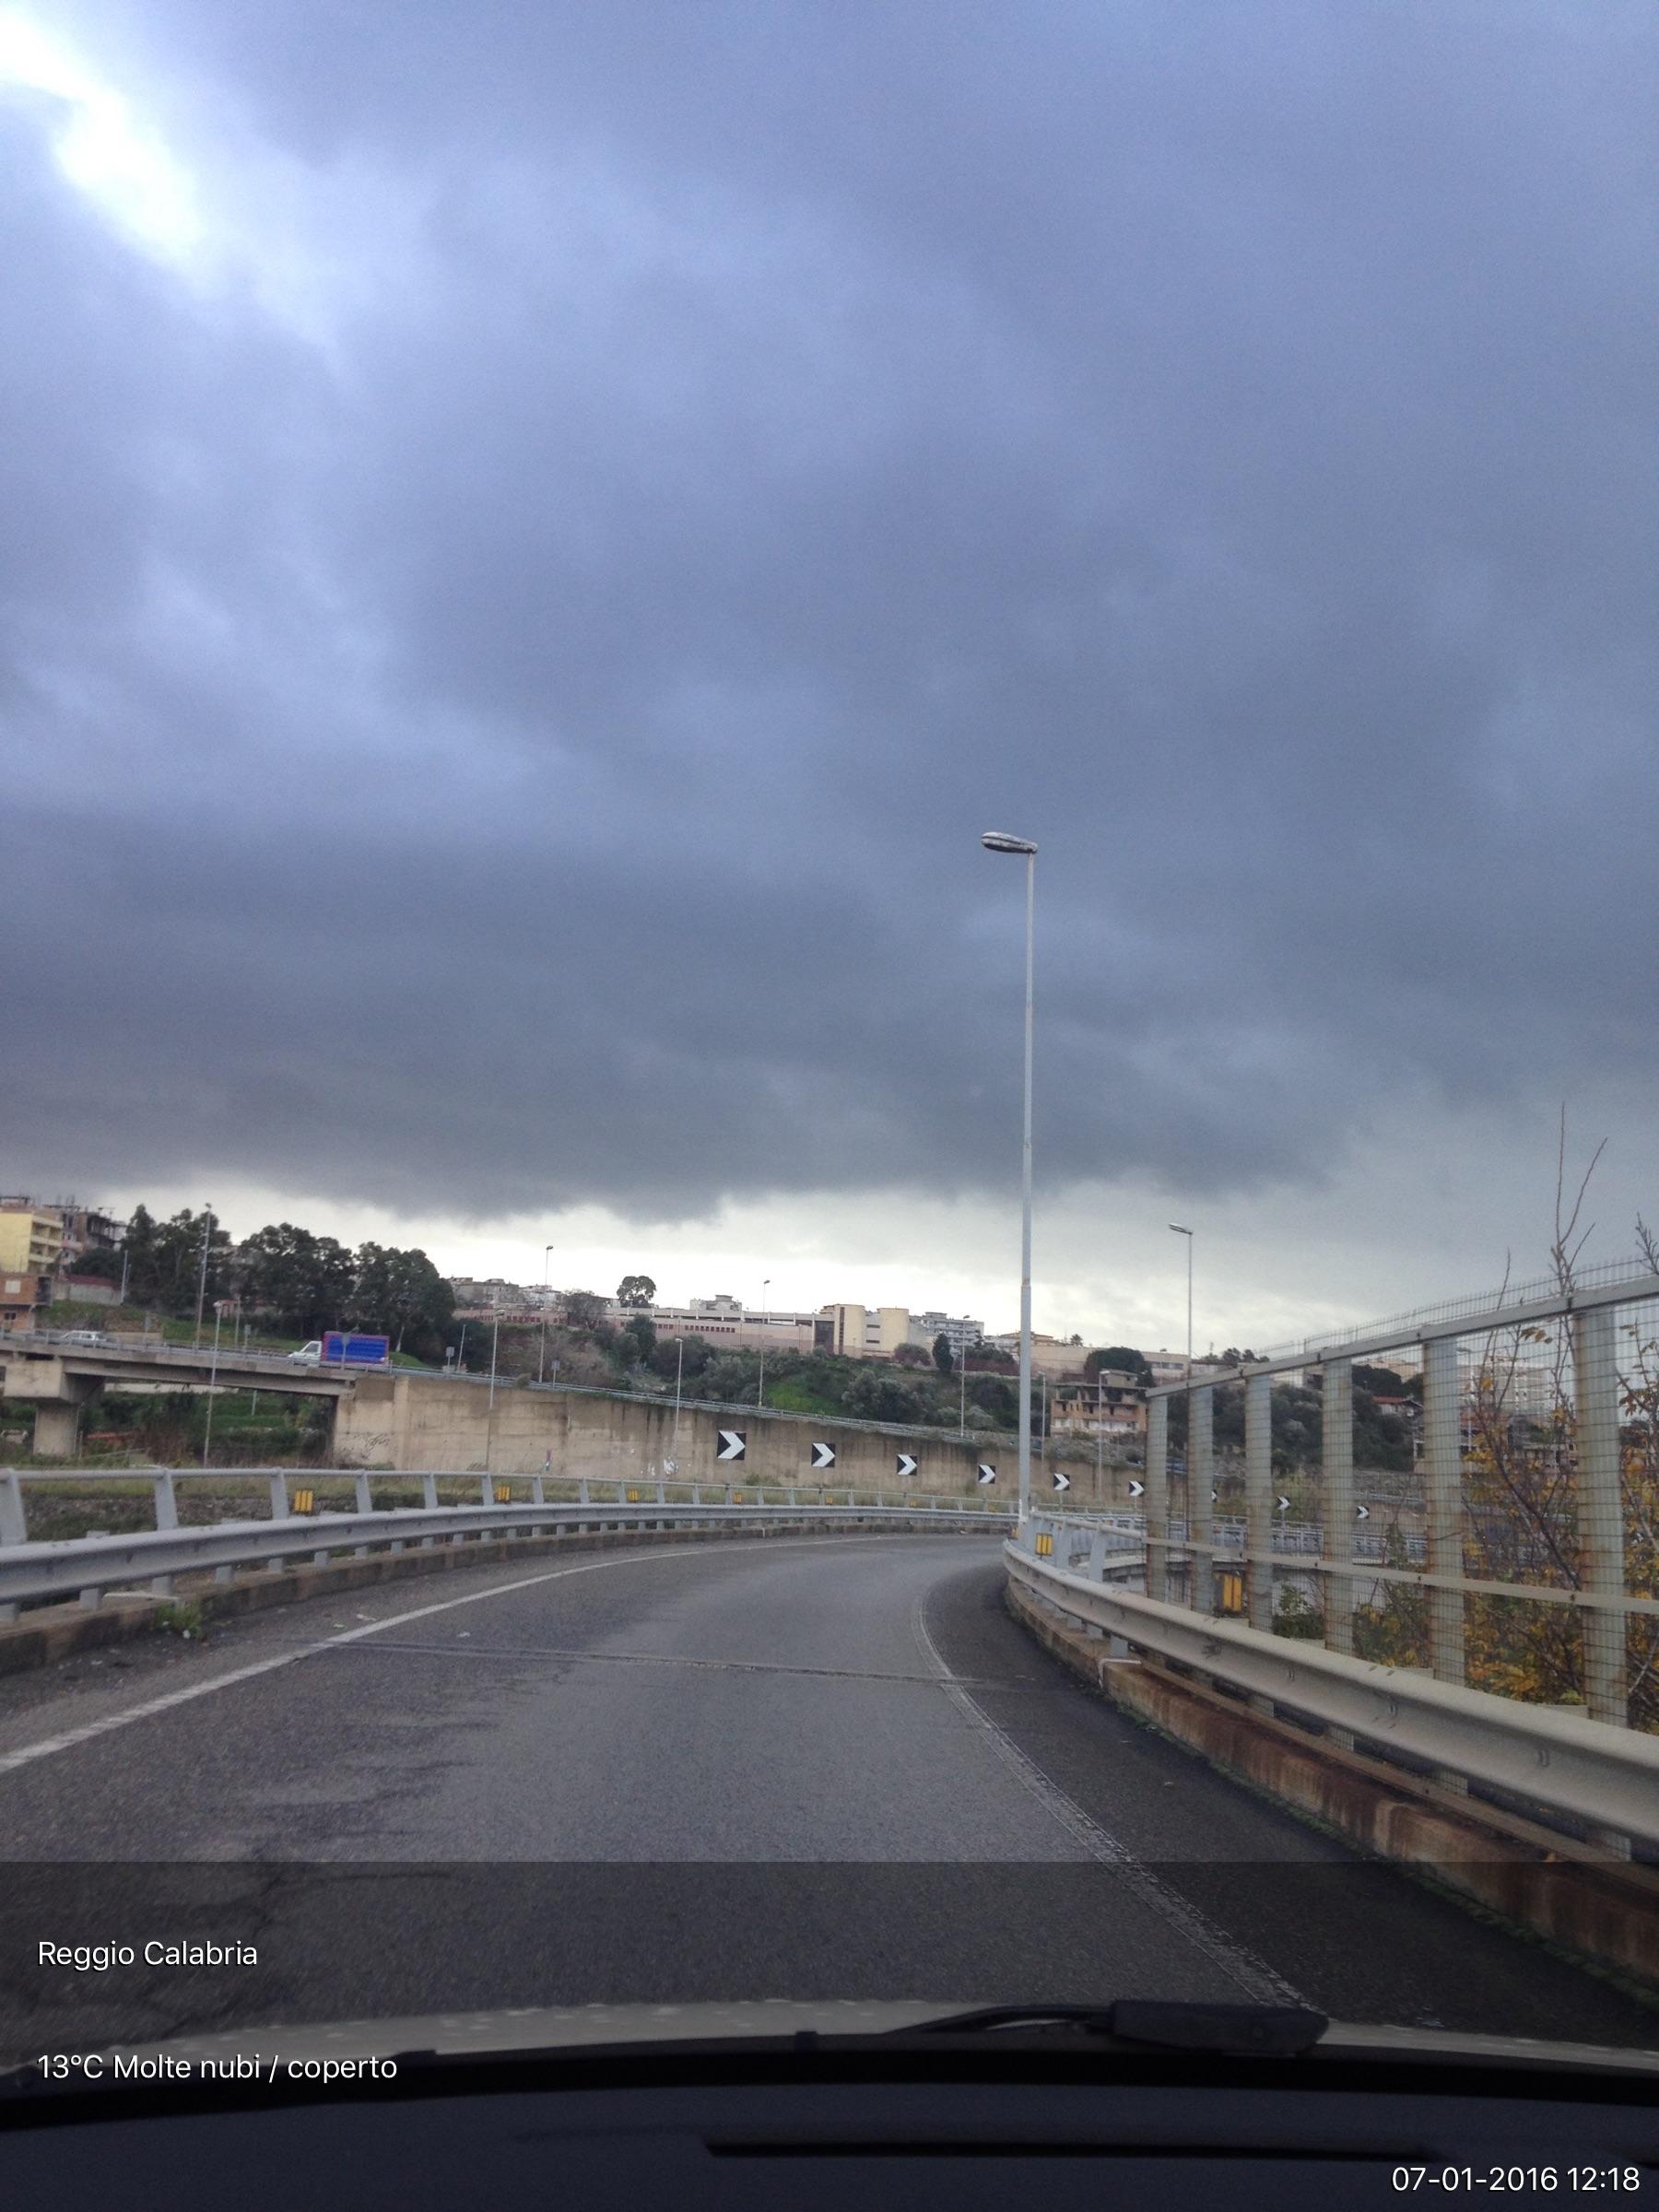 Foto meteo - Reggio Calabria - Reggio Calabria ore 12:18 » ILMETEO.it